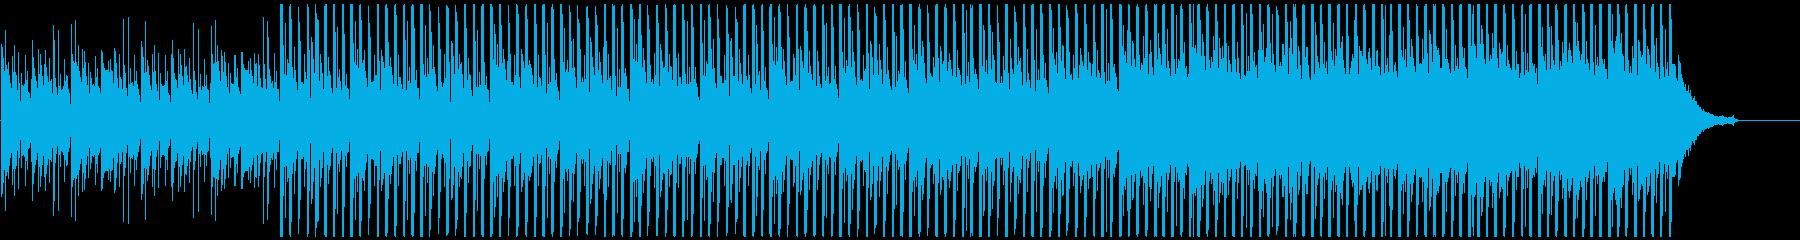 企業VPに!クリーン・穏やか・透明感Mの再生済みの波形